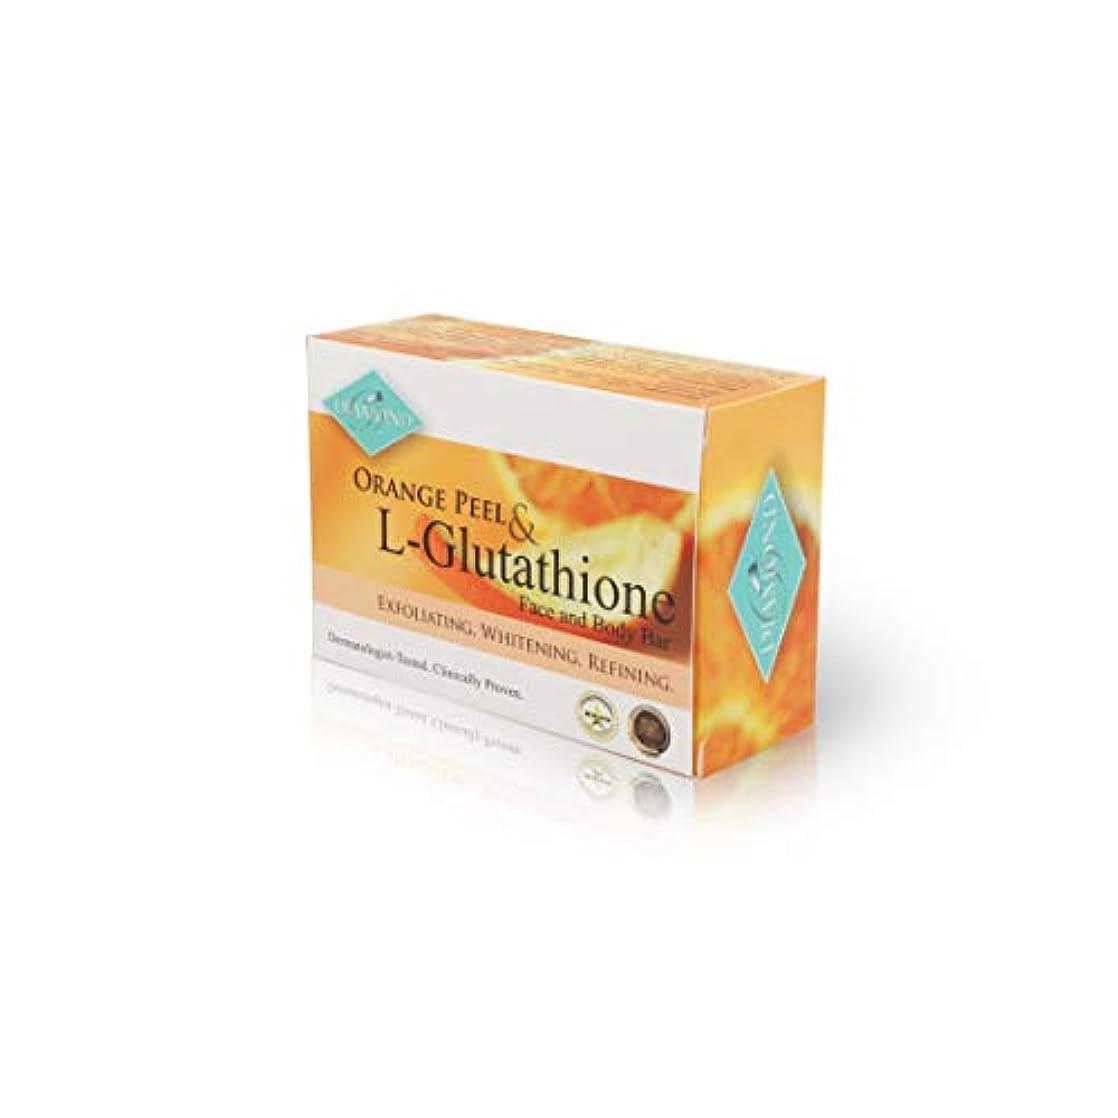 ケージ添付何もないDIAMOND ORANGE PEEL&Glutathione soap/オレンジピール&グルタチオン配合ソープ(美容石けん) 150g 正規輸入品